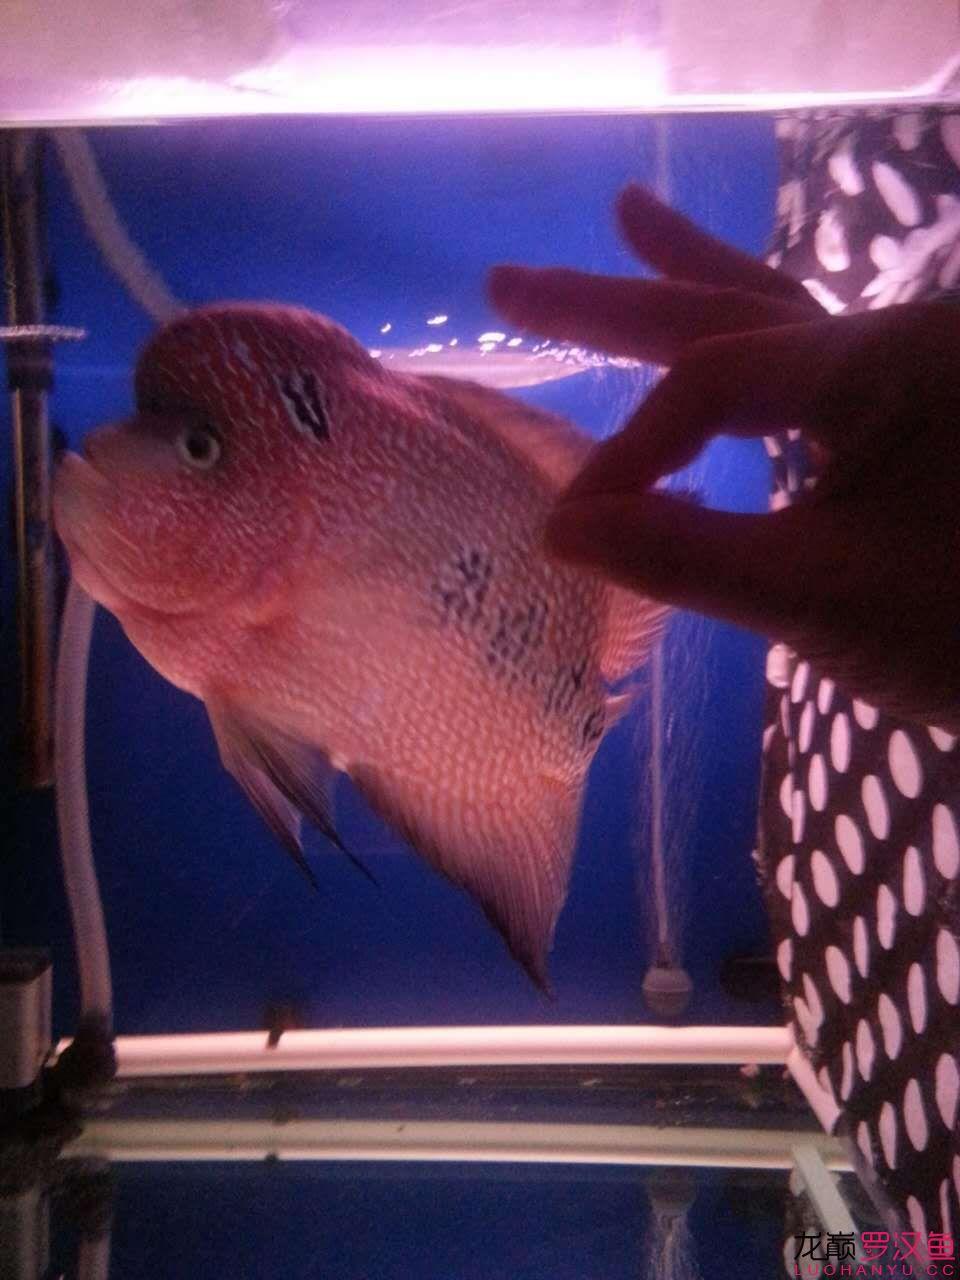 贼罗堂有好罗+ 爱鱼点点 西安龙鱼论坛 西安博特第2张